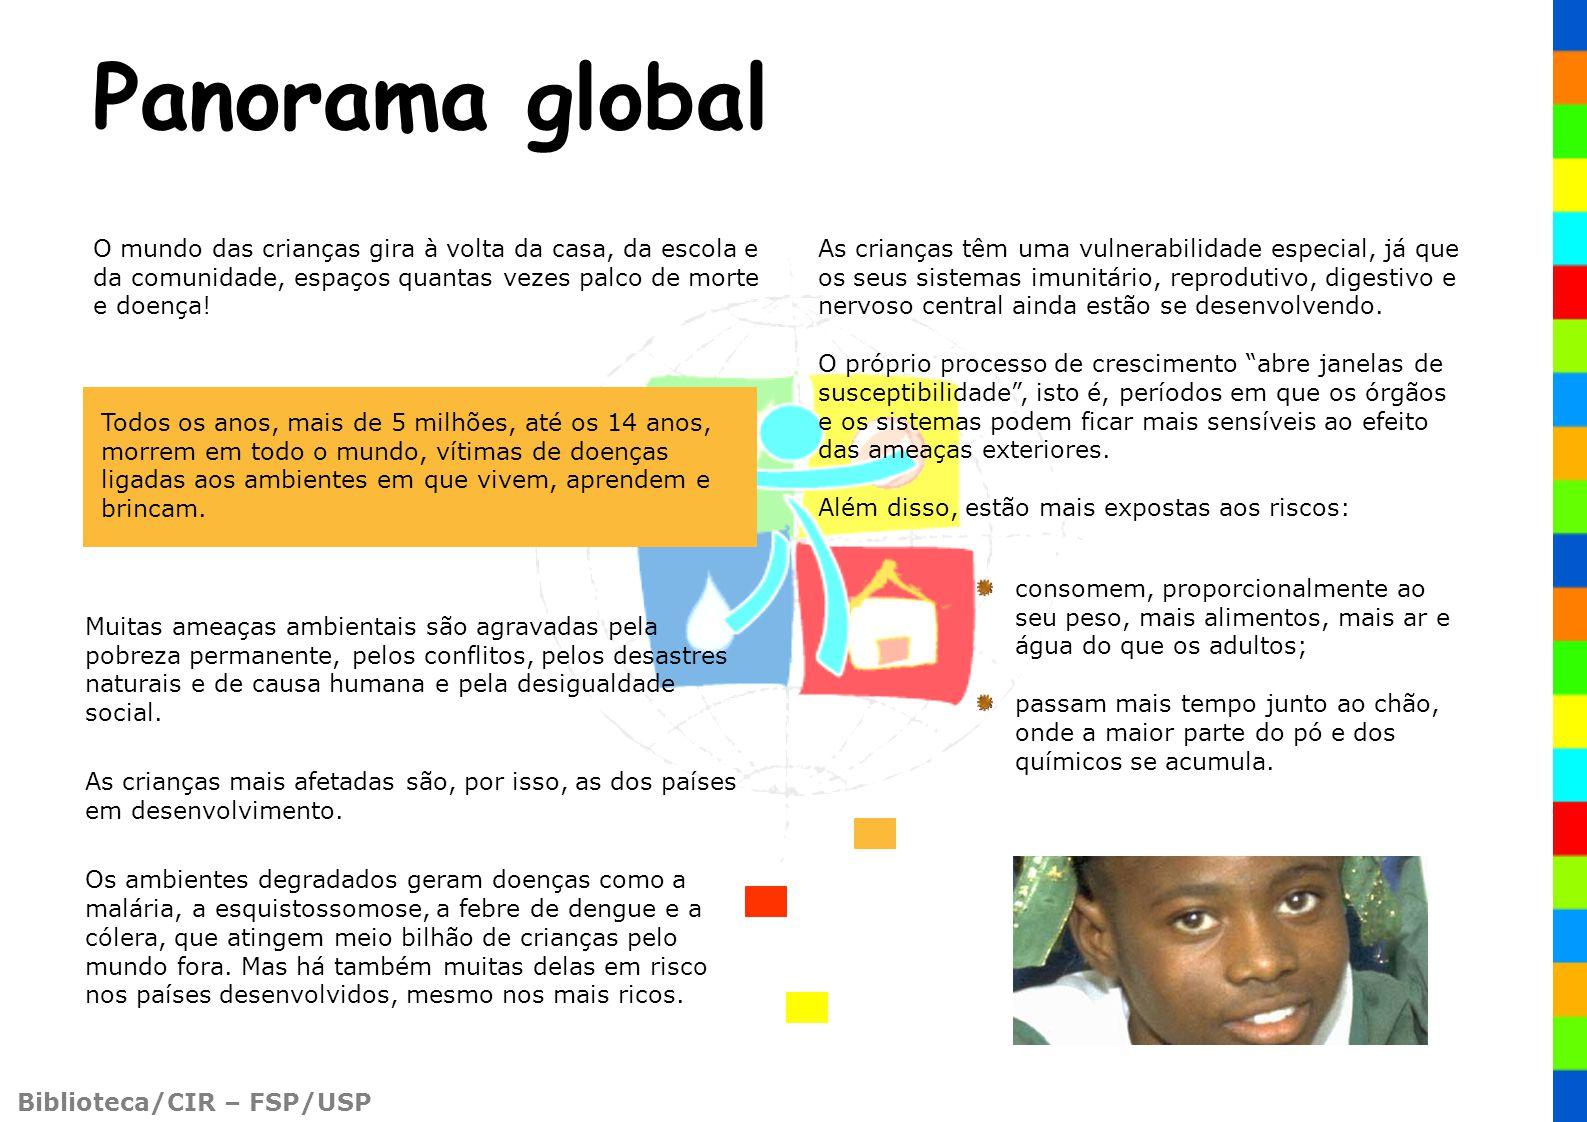 Panorama global O mundo das crianças gira à volta da casa, da escola e da comunidade, espaços quantas vezes palco de morte e doença!